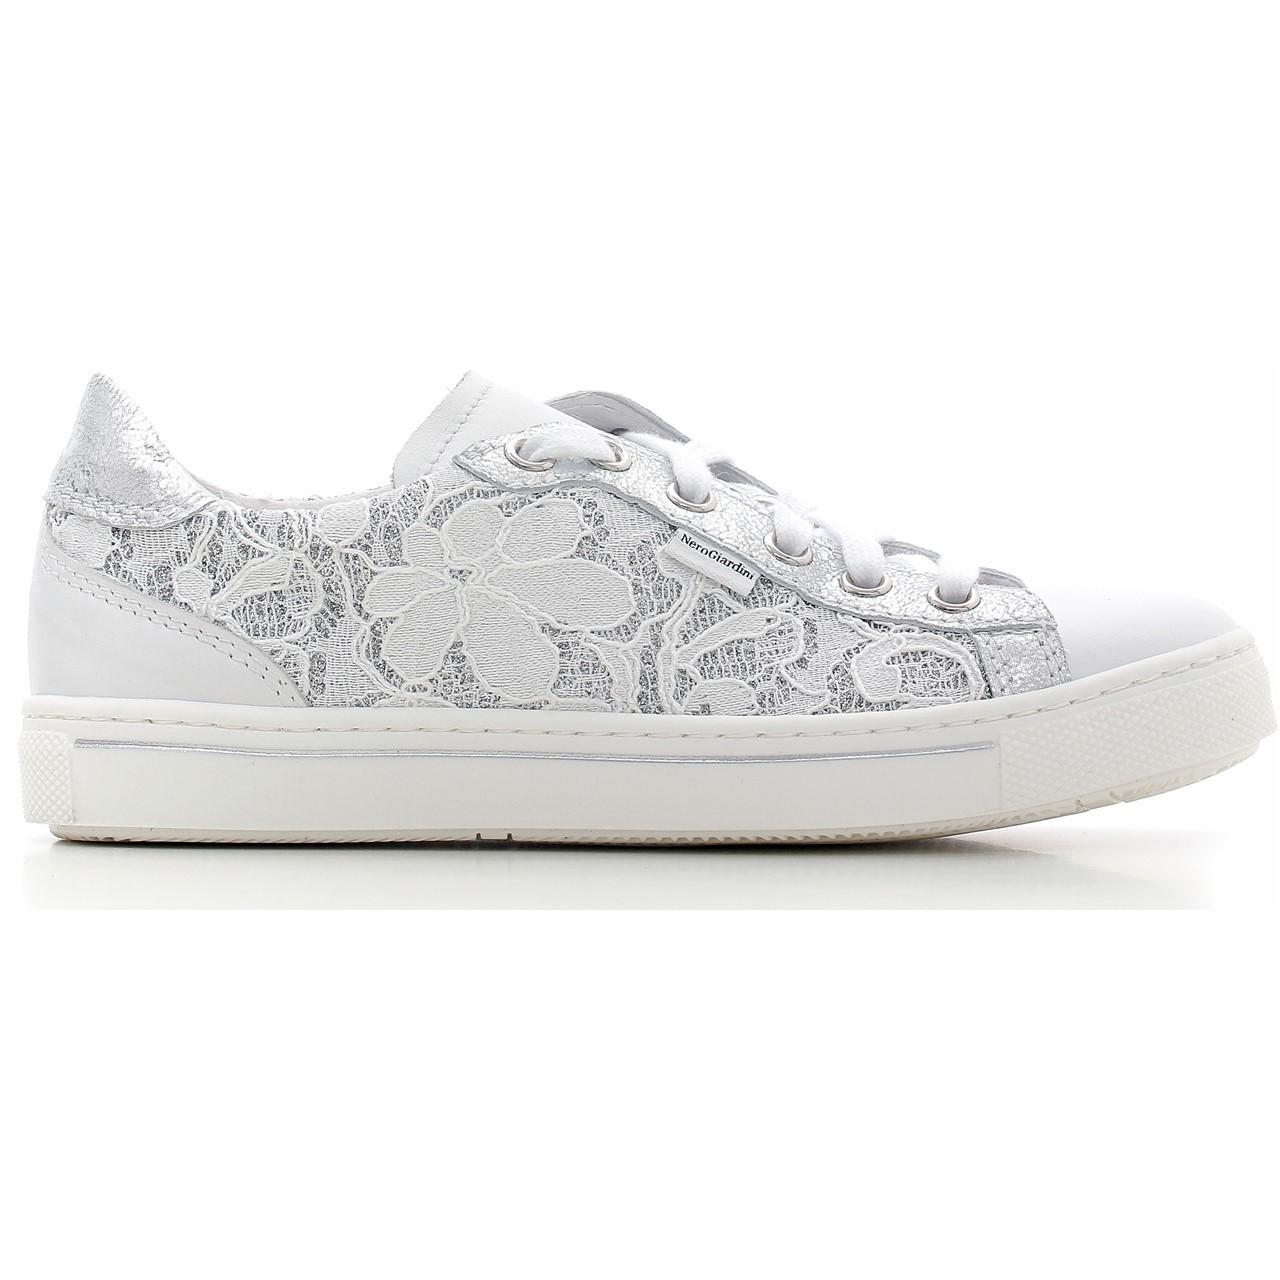 conception de la variété chaussures classiques magasiner pour l'original nouvelle adidas avec dentelle,chaussure adidas dentelle ...